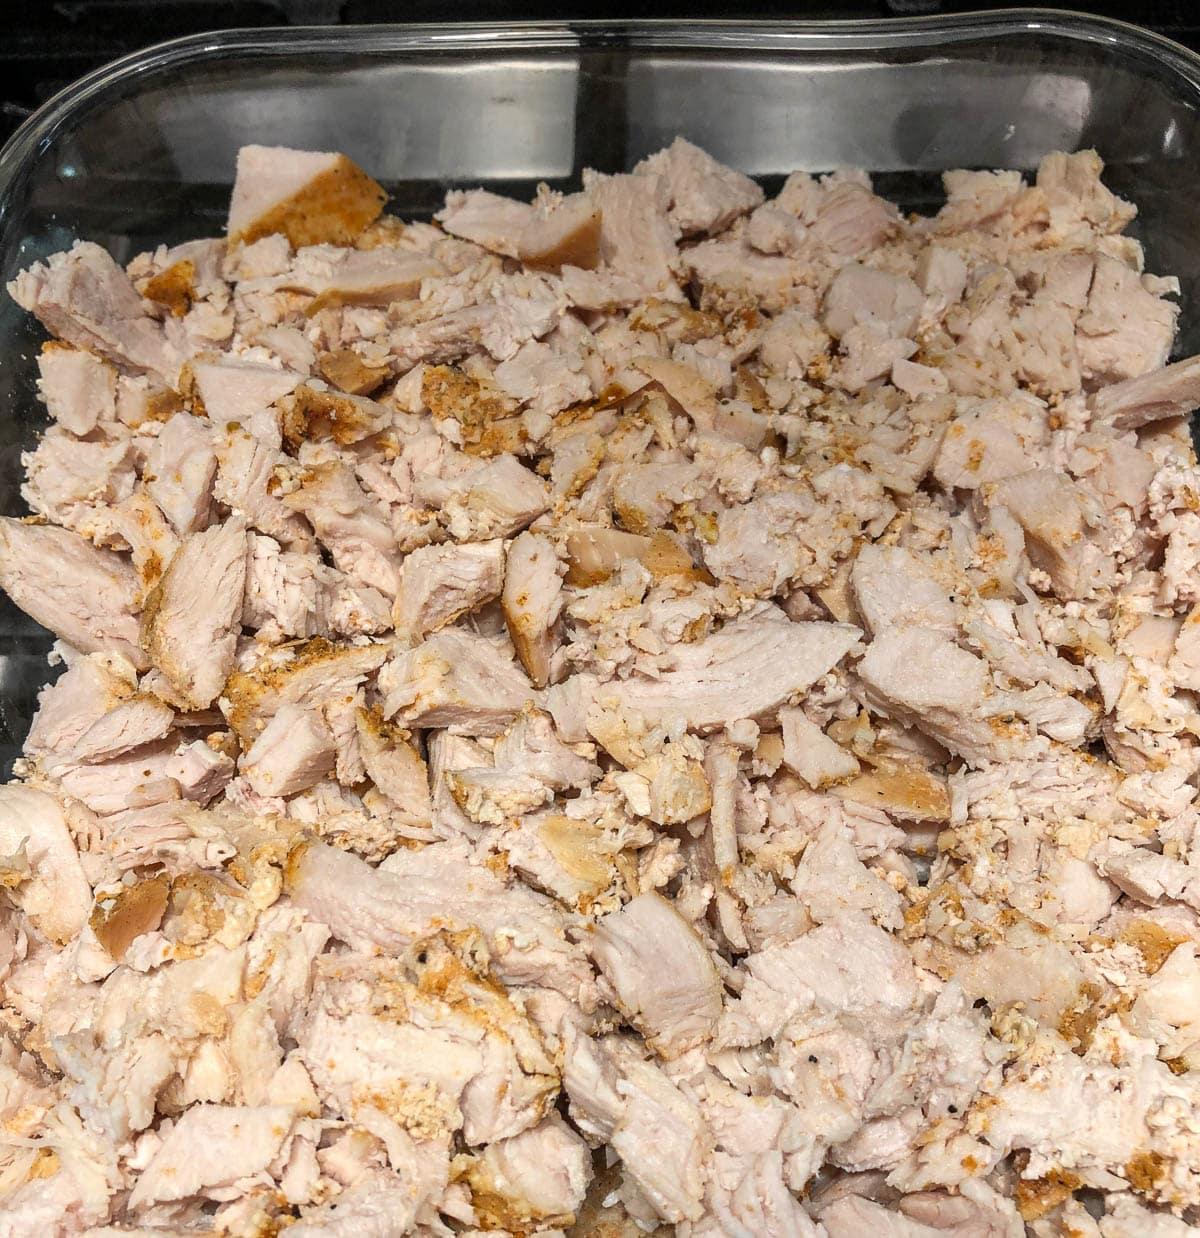 thanksgiving turkey casserole being prepared